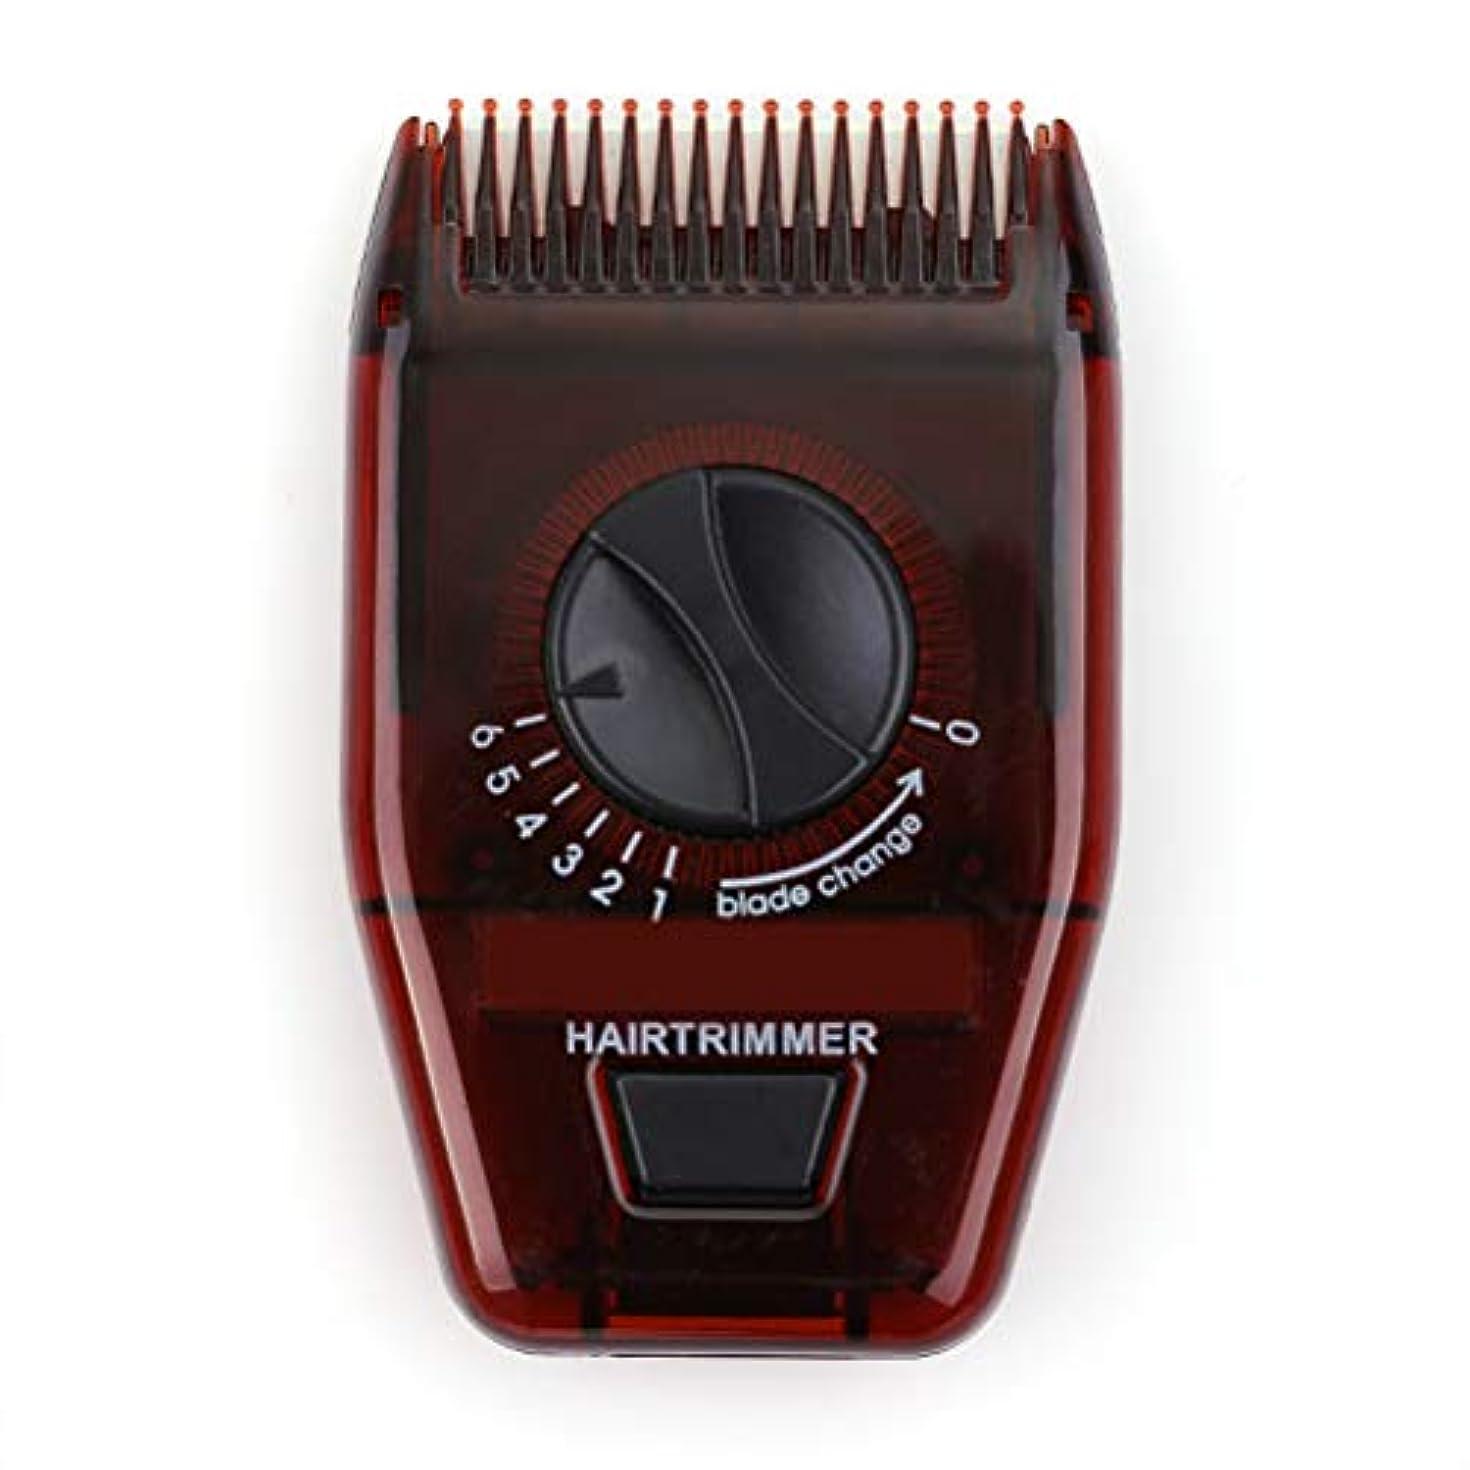 予防接種する狂気絡み合いCreacom ヘアトリマー 手動 理髪くし ヘアコーム 髪櫛 ヘアカッター 滑らか 水洗い可 快適 頭皮傷つけない 一人でできる 自宅散髪 多機能 業務用 家庭用 子供 大人